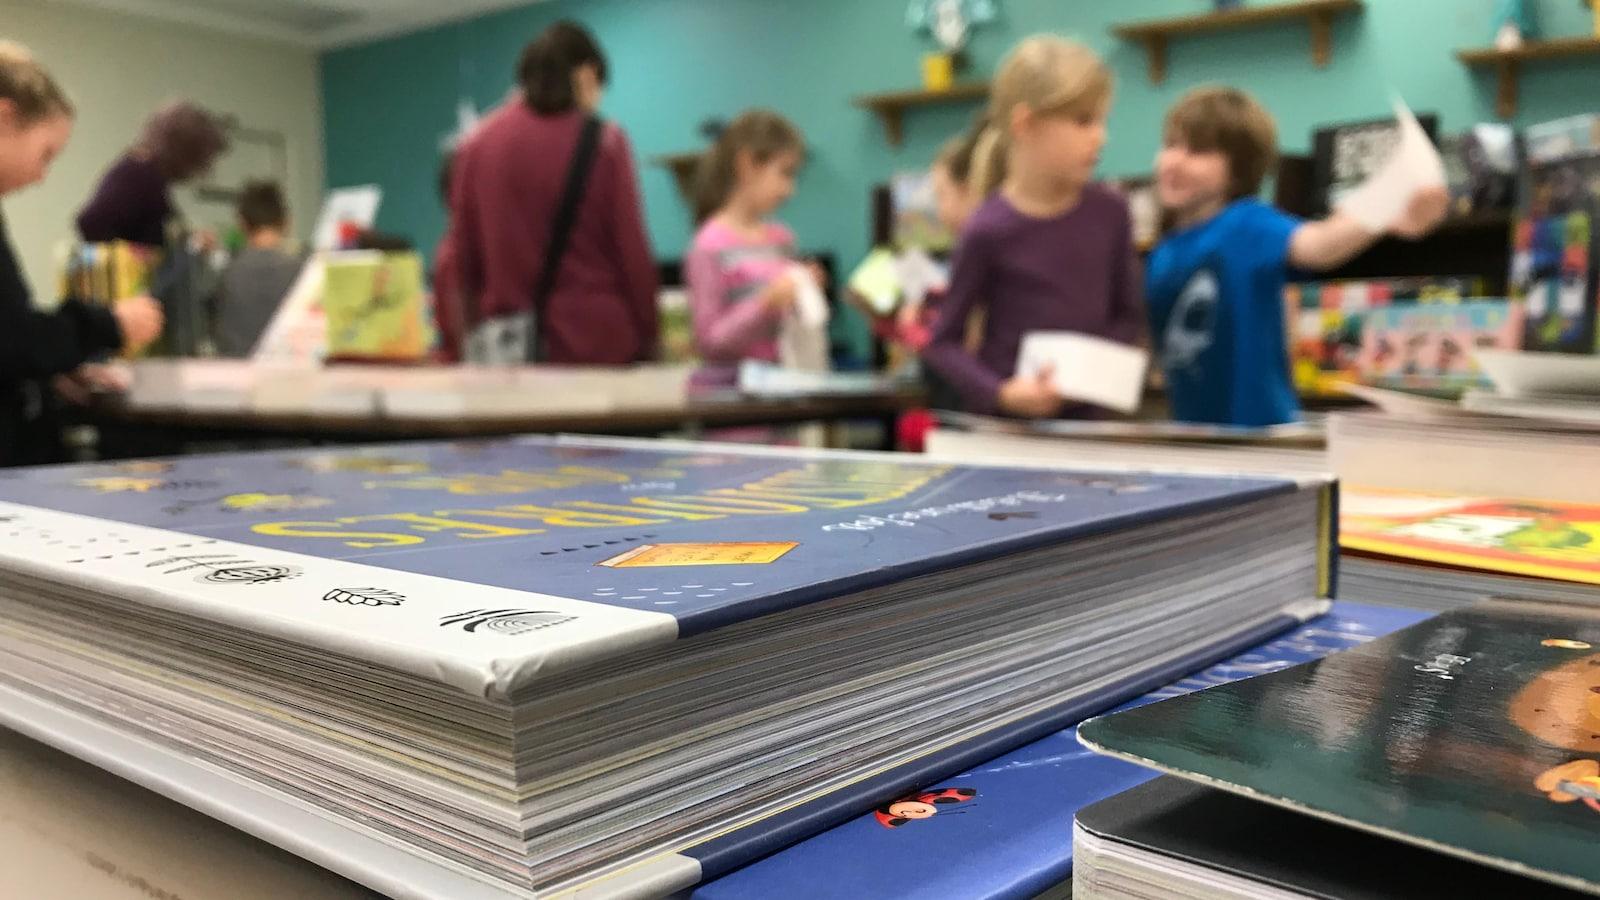 Des élèves magasinent lors d'un salon du livre dans une école.